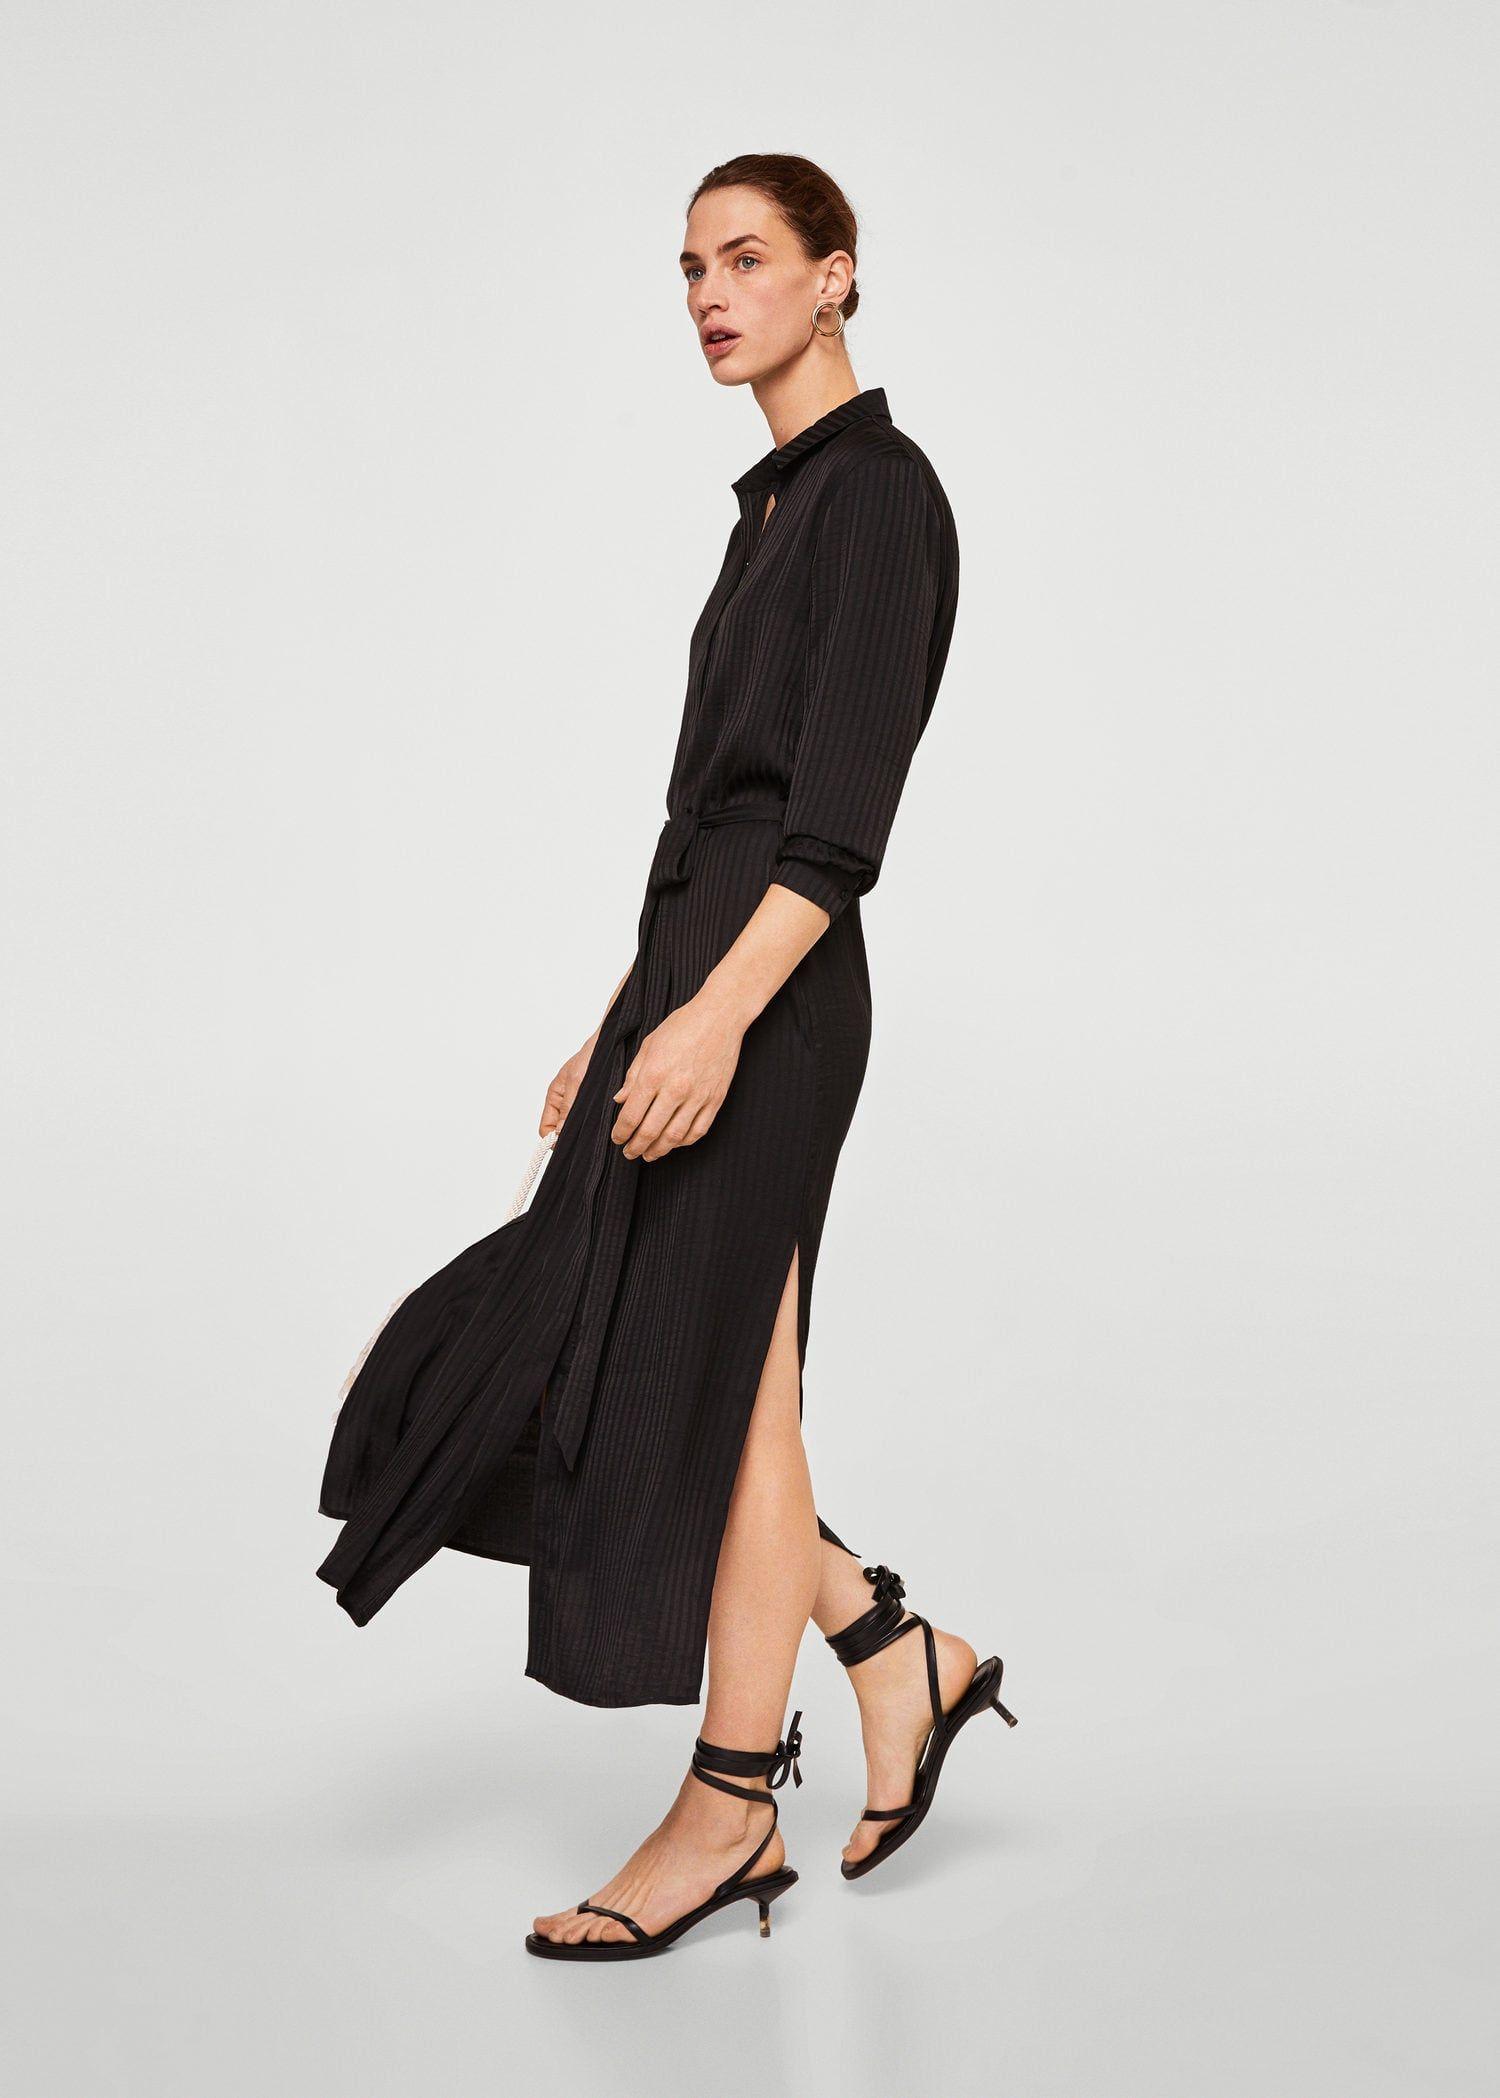 Košilové šaty s texturou - Žena  04929b7bb1b